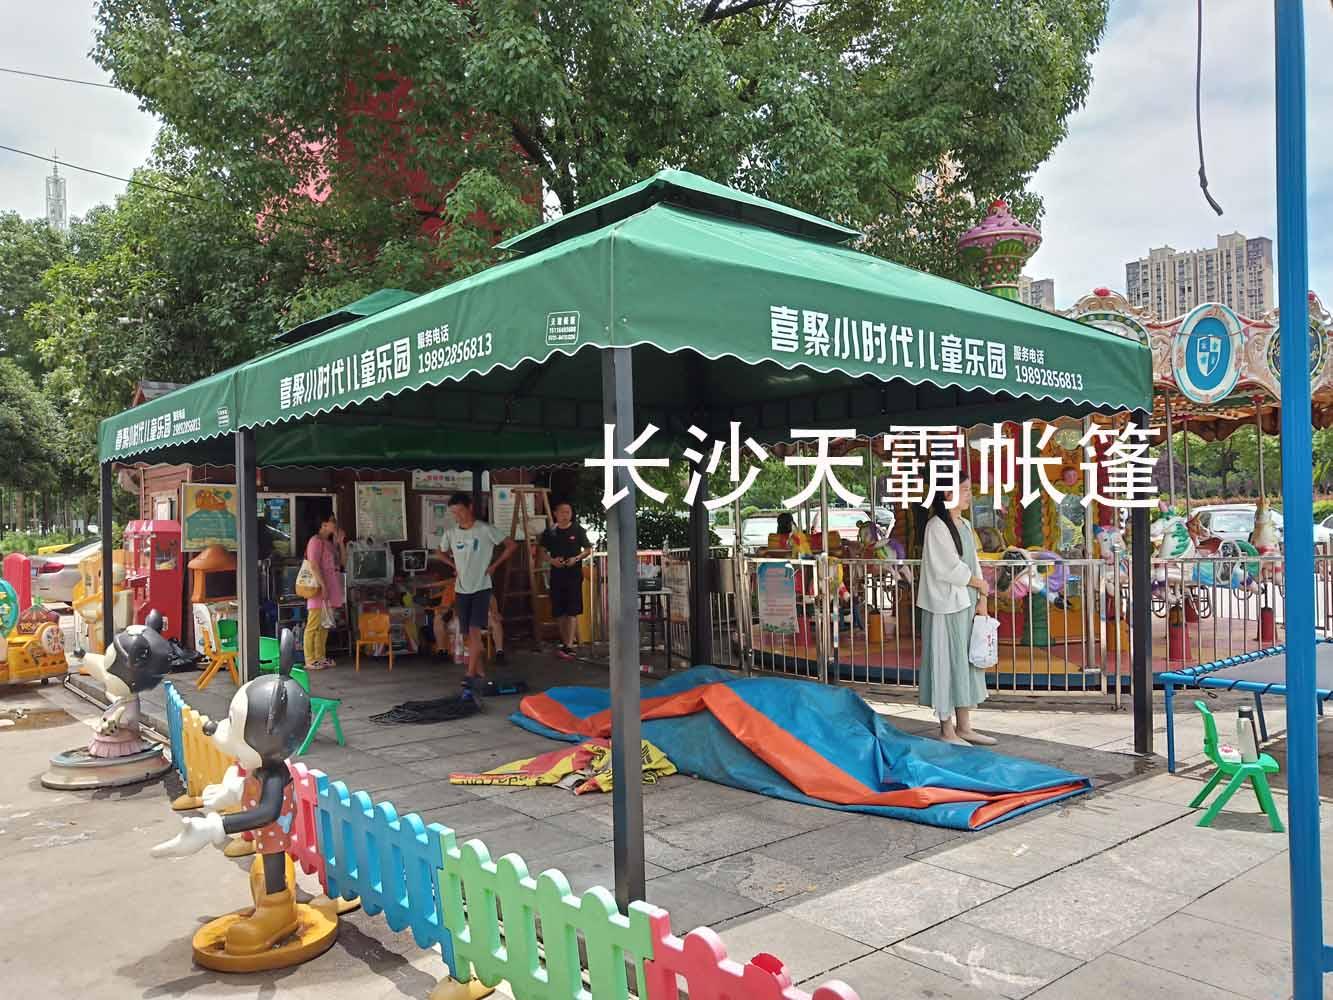 夏天儿童乐园可装配天霸庭院帐篷,让快乐有个遮阳避风港